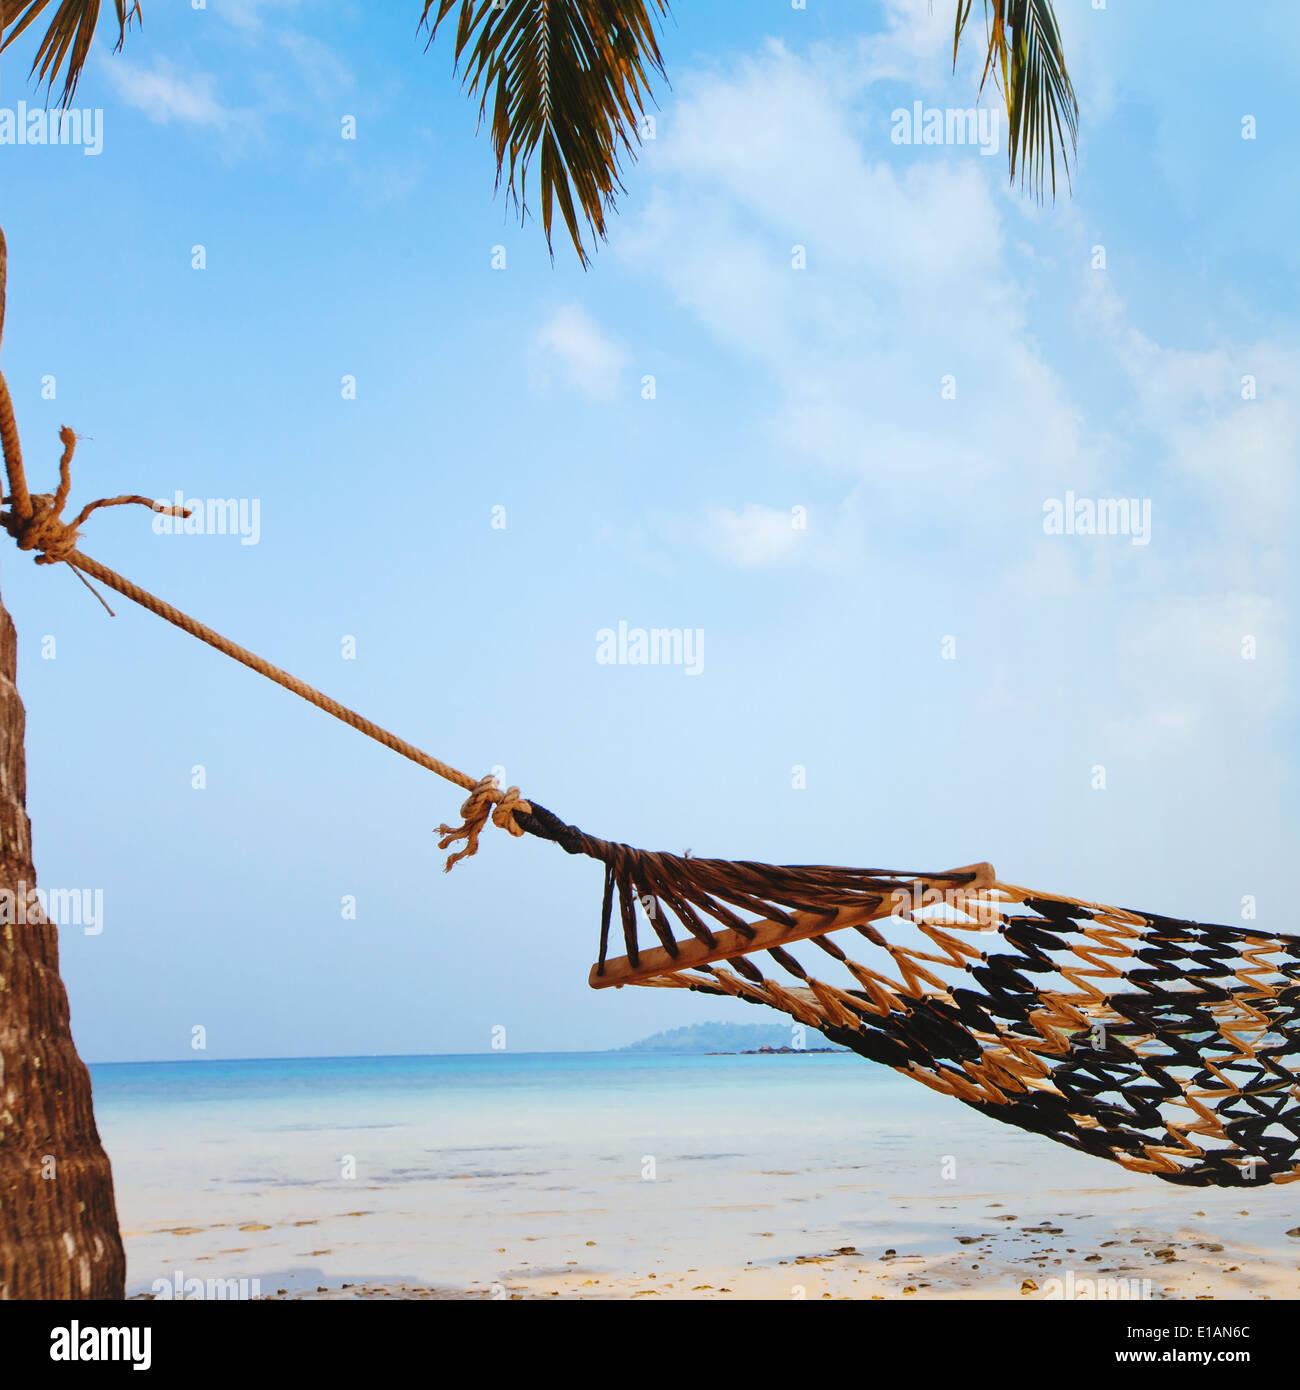 Détente sur la magnifique plage tropicale, vacances Photo Stock